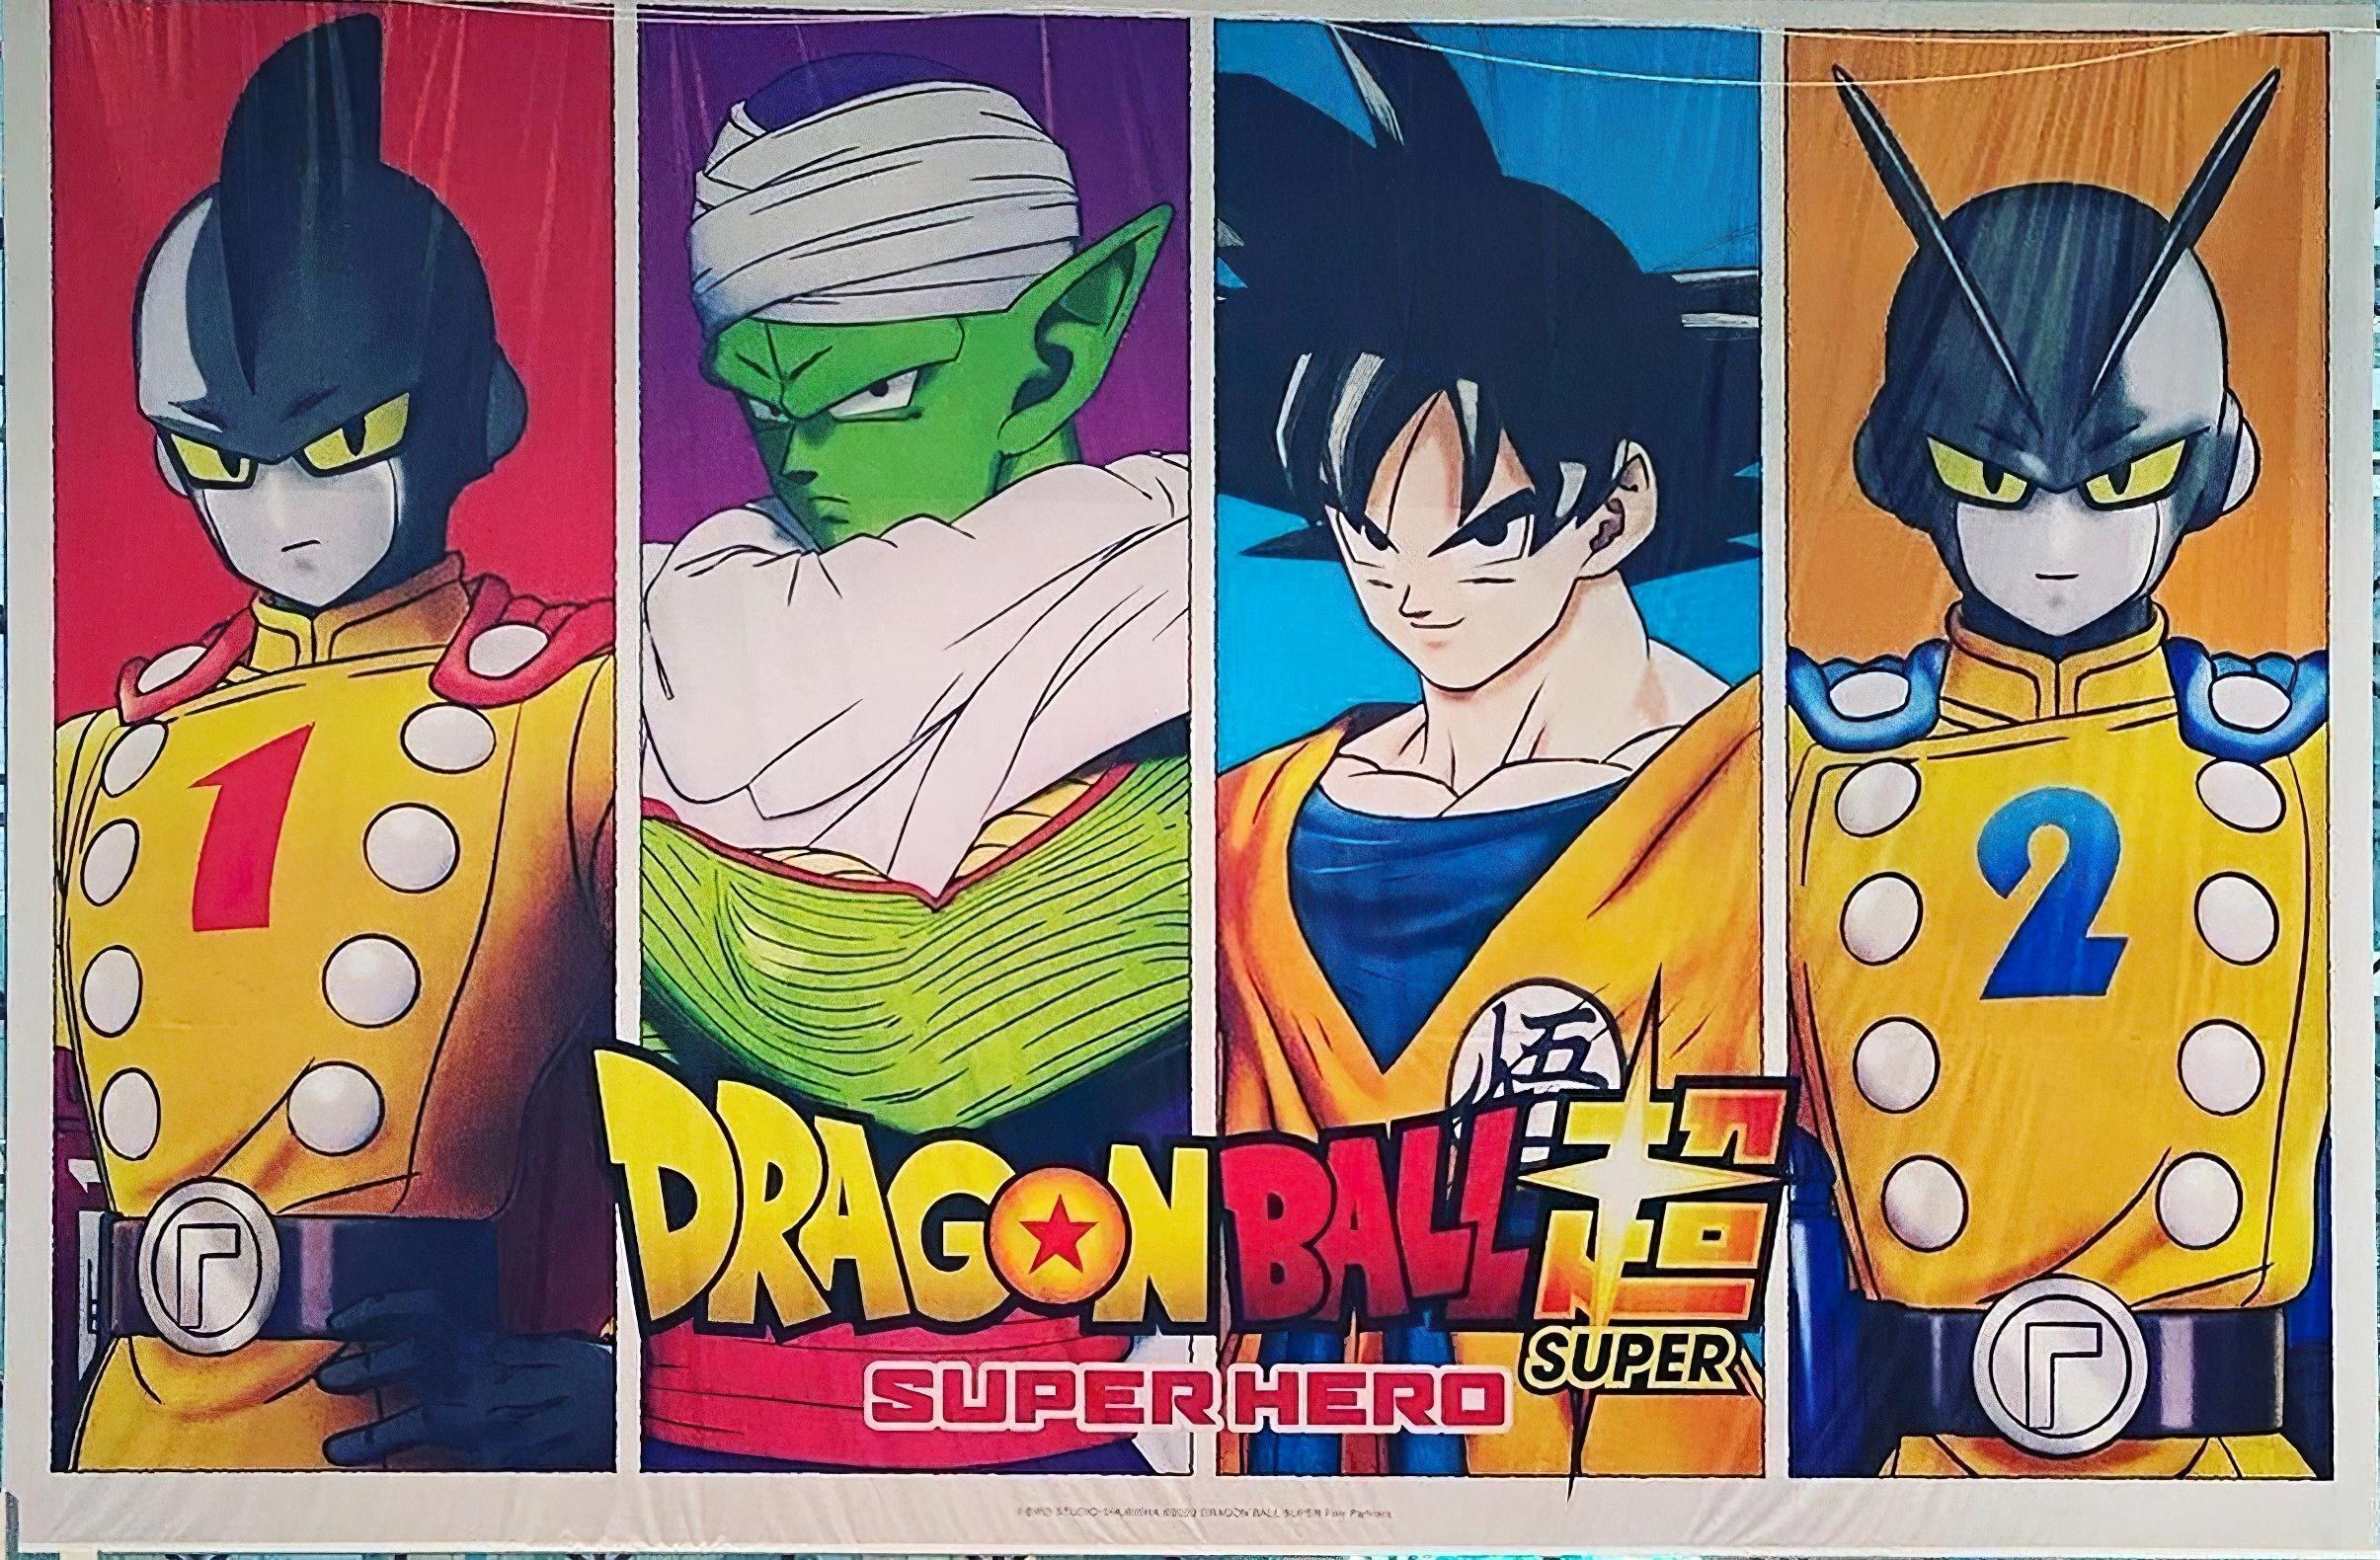 dragon-ball-super-super-hero